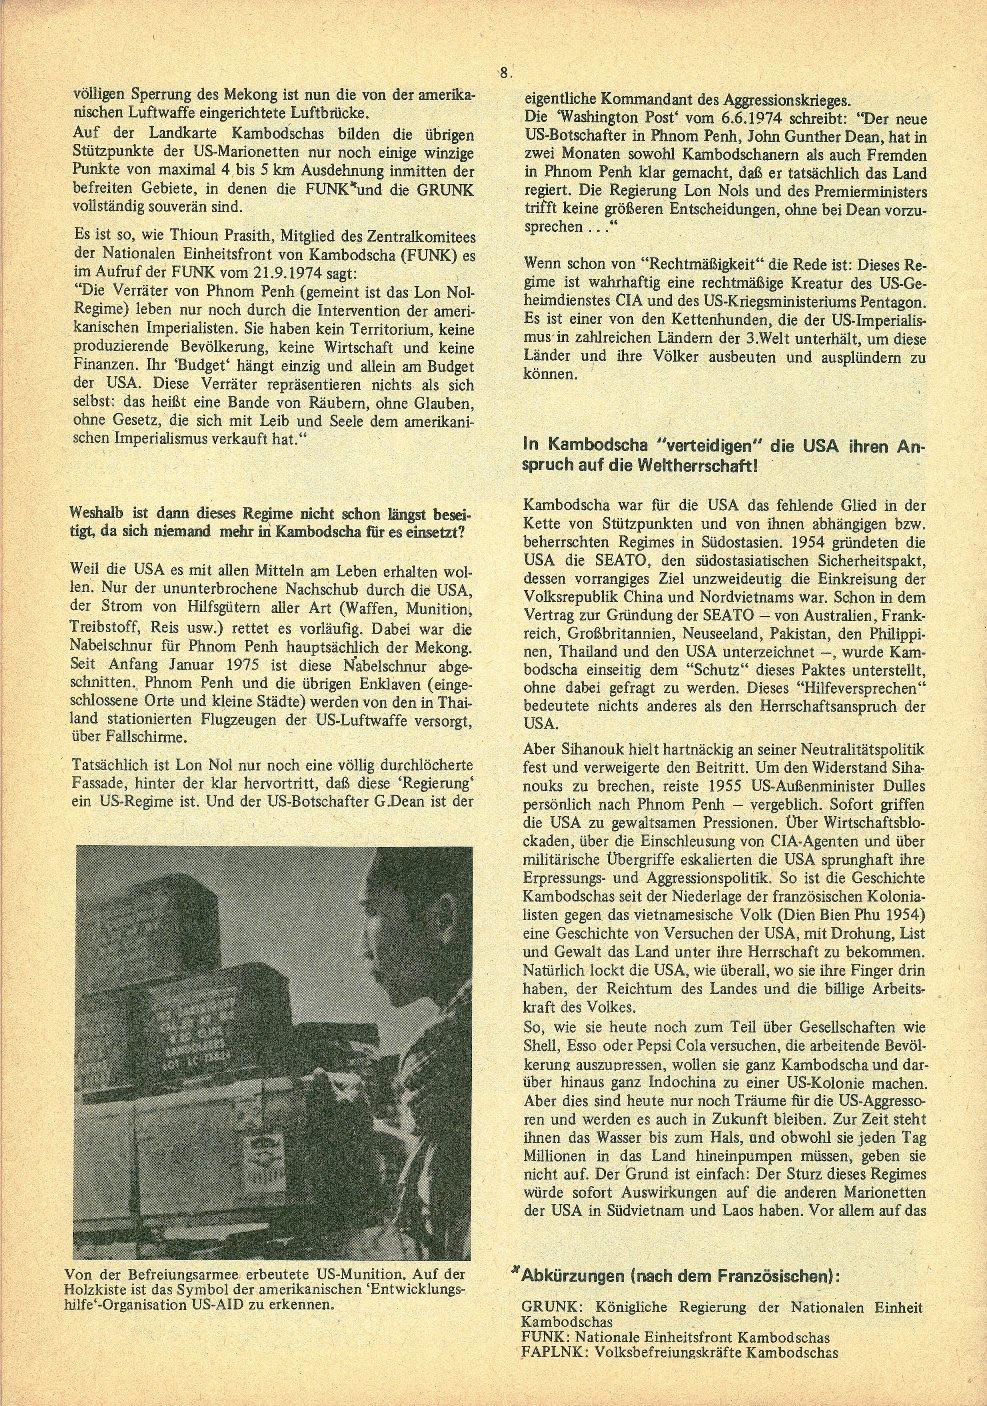 Kambodscha_1974_Das_Volk_besiegt_den_Imperialismus008